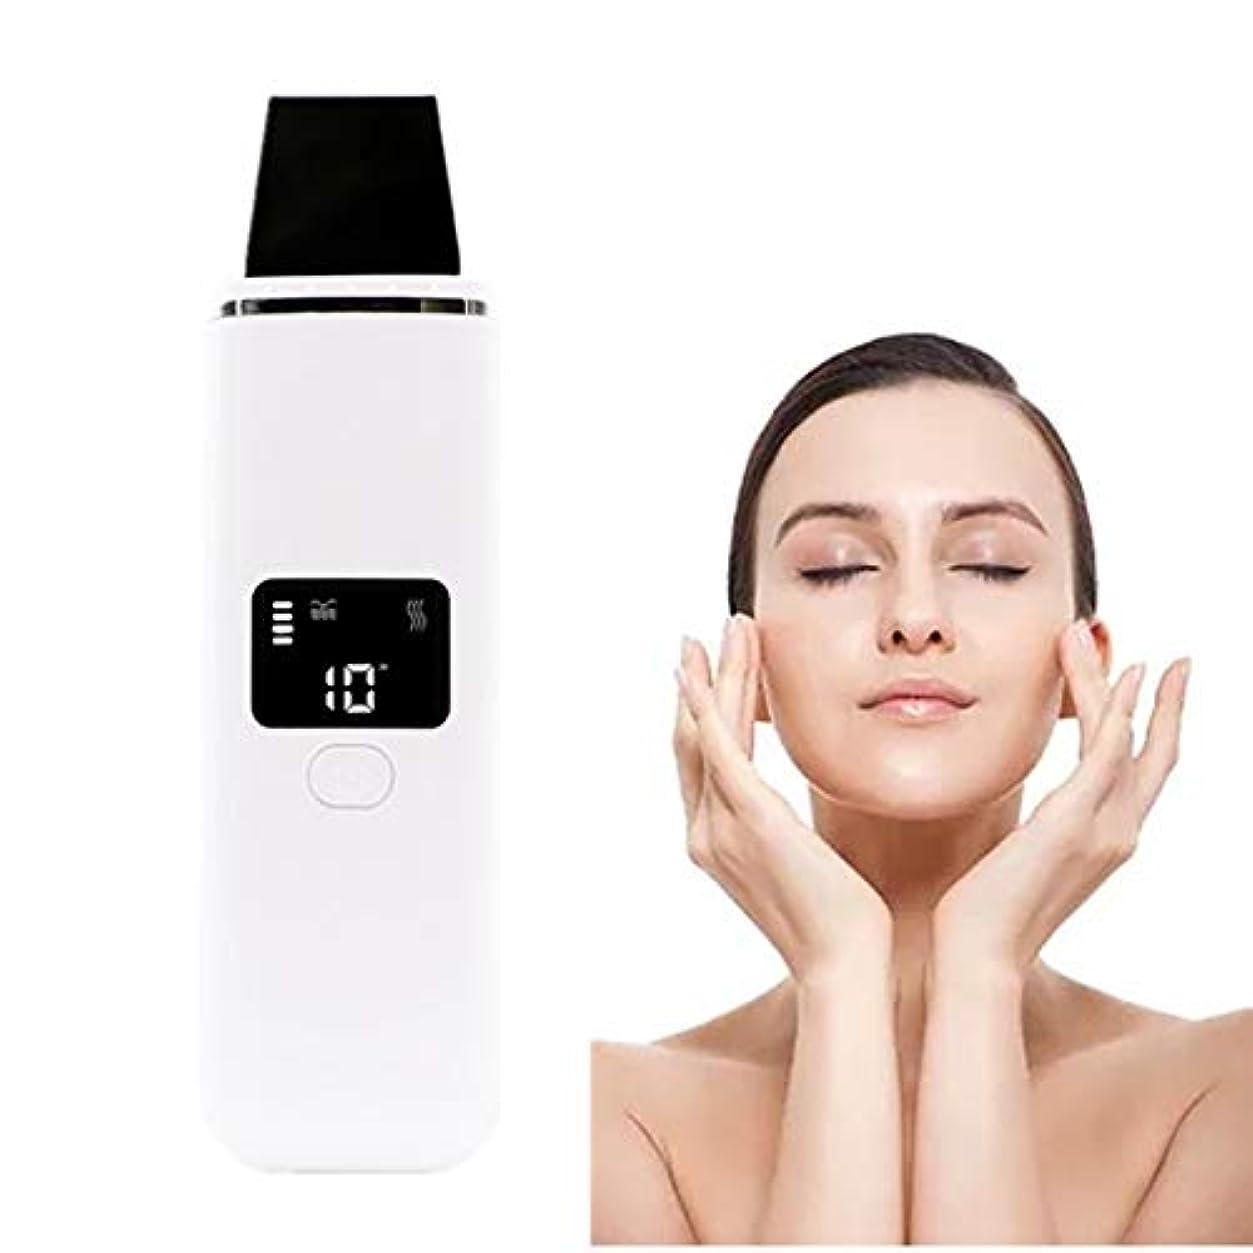 軽くプロペラ発行ピーリングリフティングEMSクレンジングピーリングスキンヘラジェントルケアピーリングしわ除去機と顔の皮膚のスクラバーブラックヘッドリムーバー毛穴の掃除機のUSB充電式デバイス